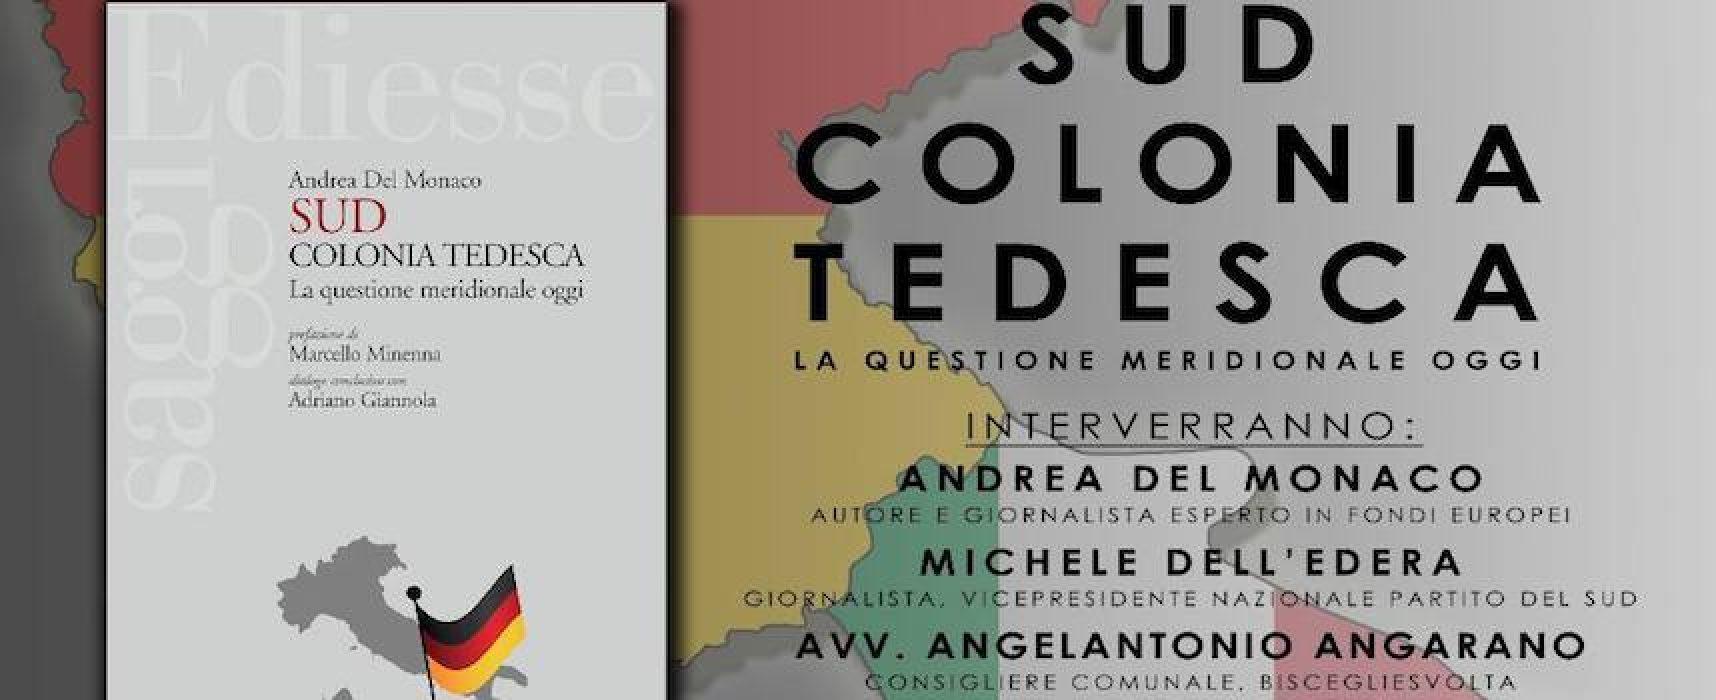 """""""Sud colonia tedesca"""", domani la presentazione del libro del giornalista Andrea del Monaco"""